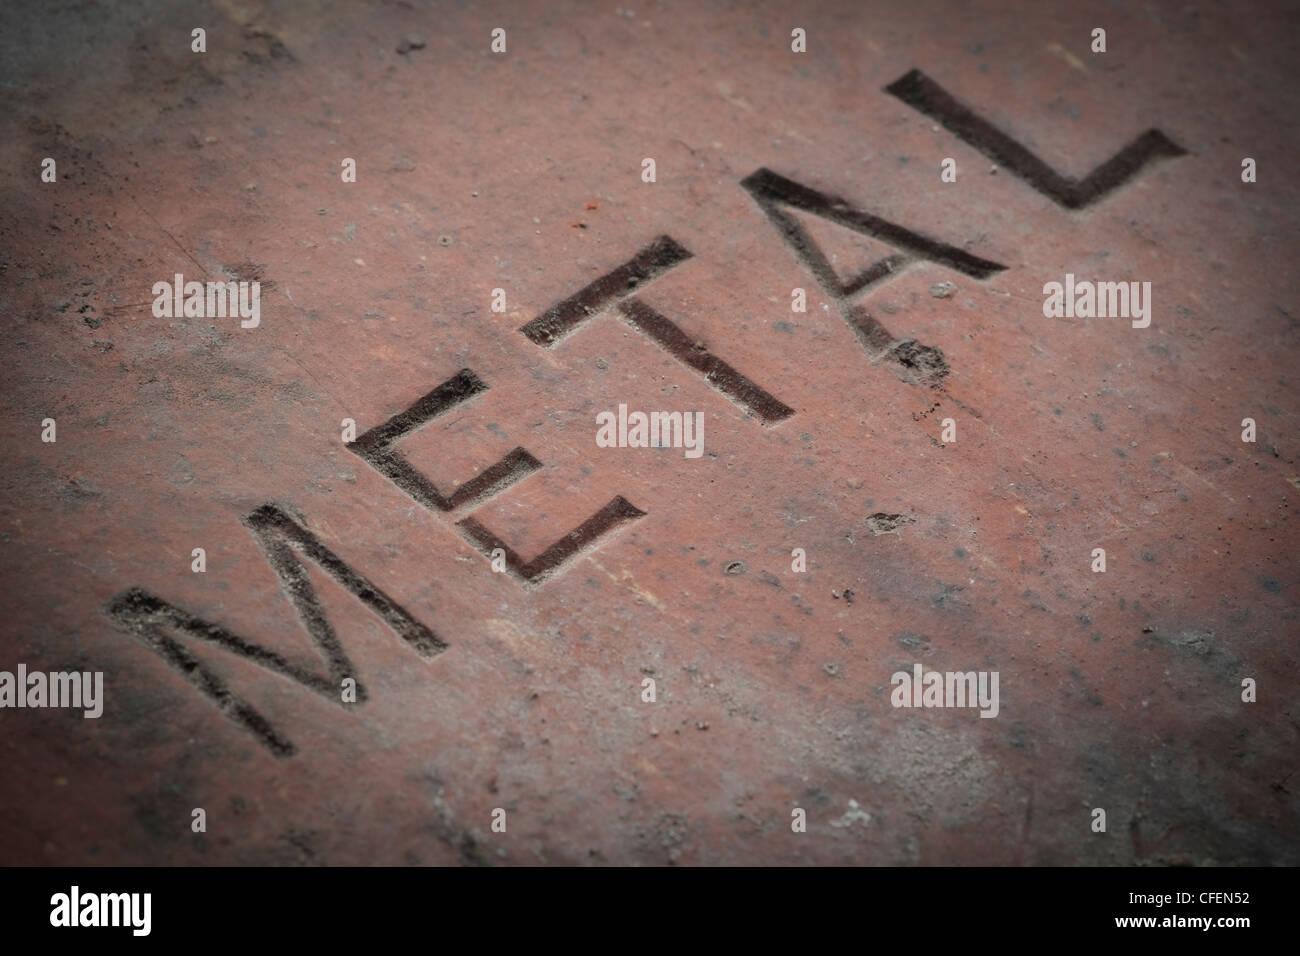 Hersteller Dachziegel detail der hersteller name metall auf eine inländische dachziegel